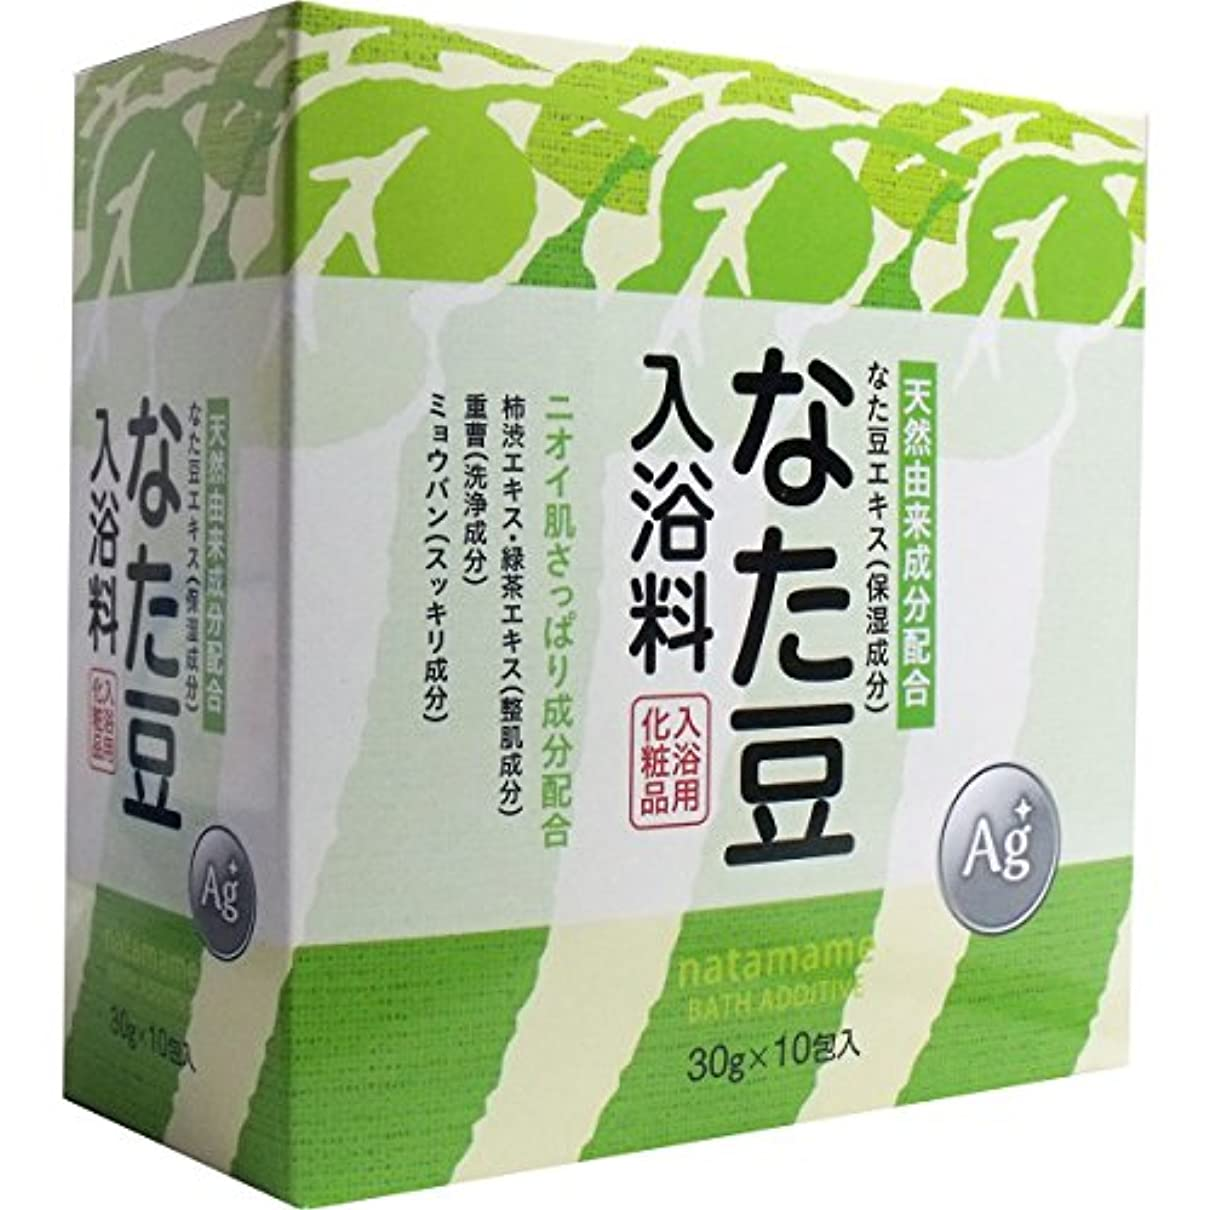 住む処分した苦なた豆入浴料 入浴用化粧品 30g×10包入×4